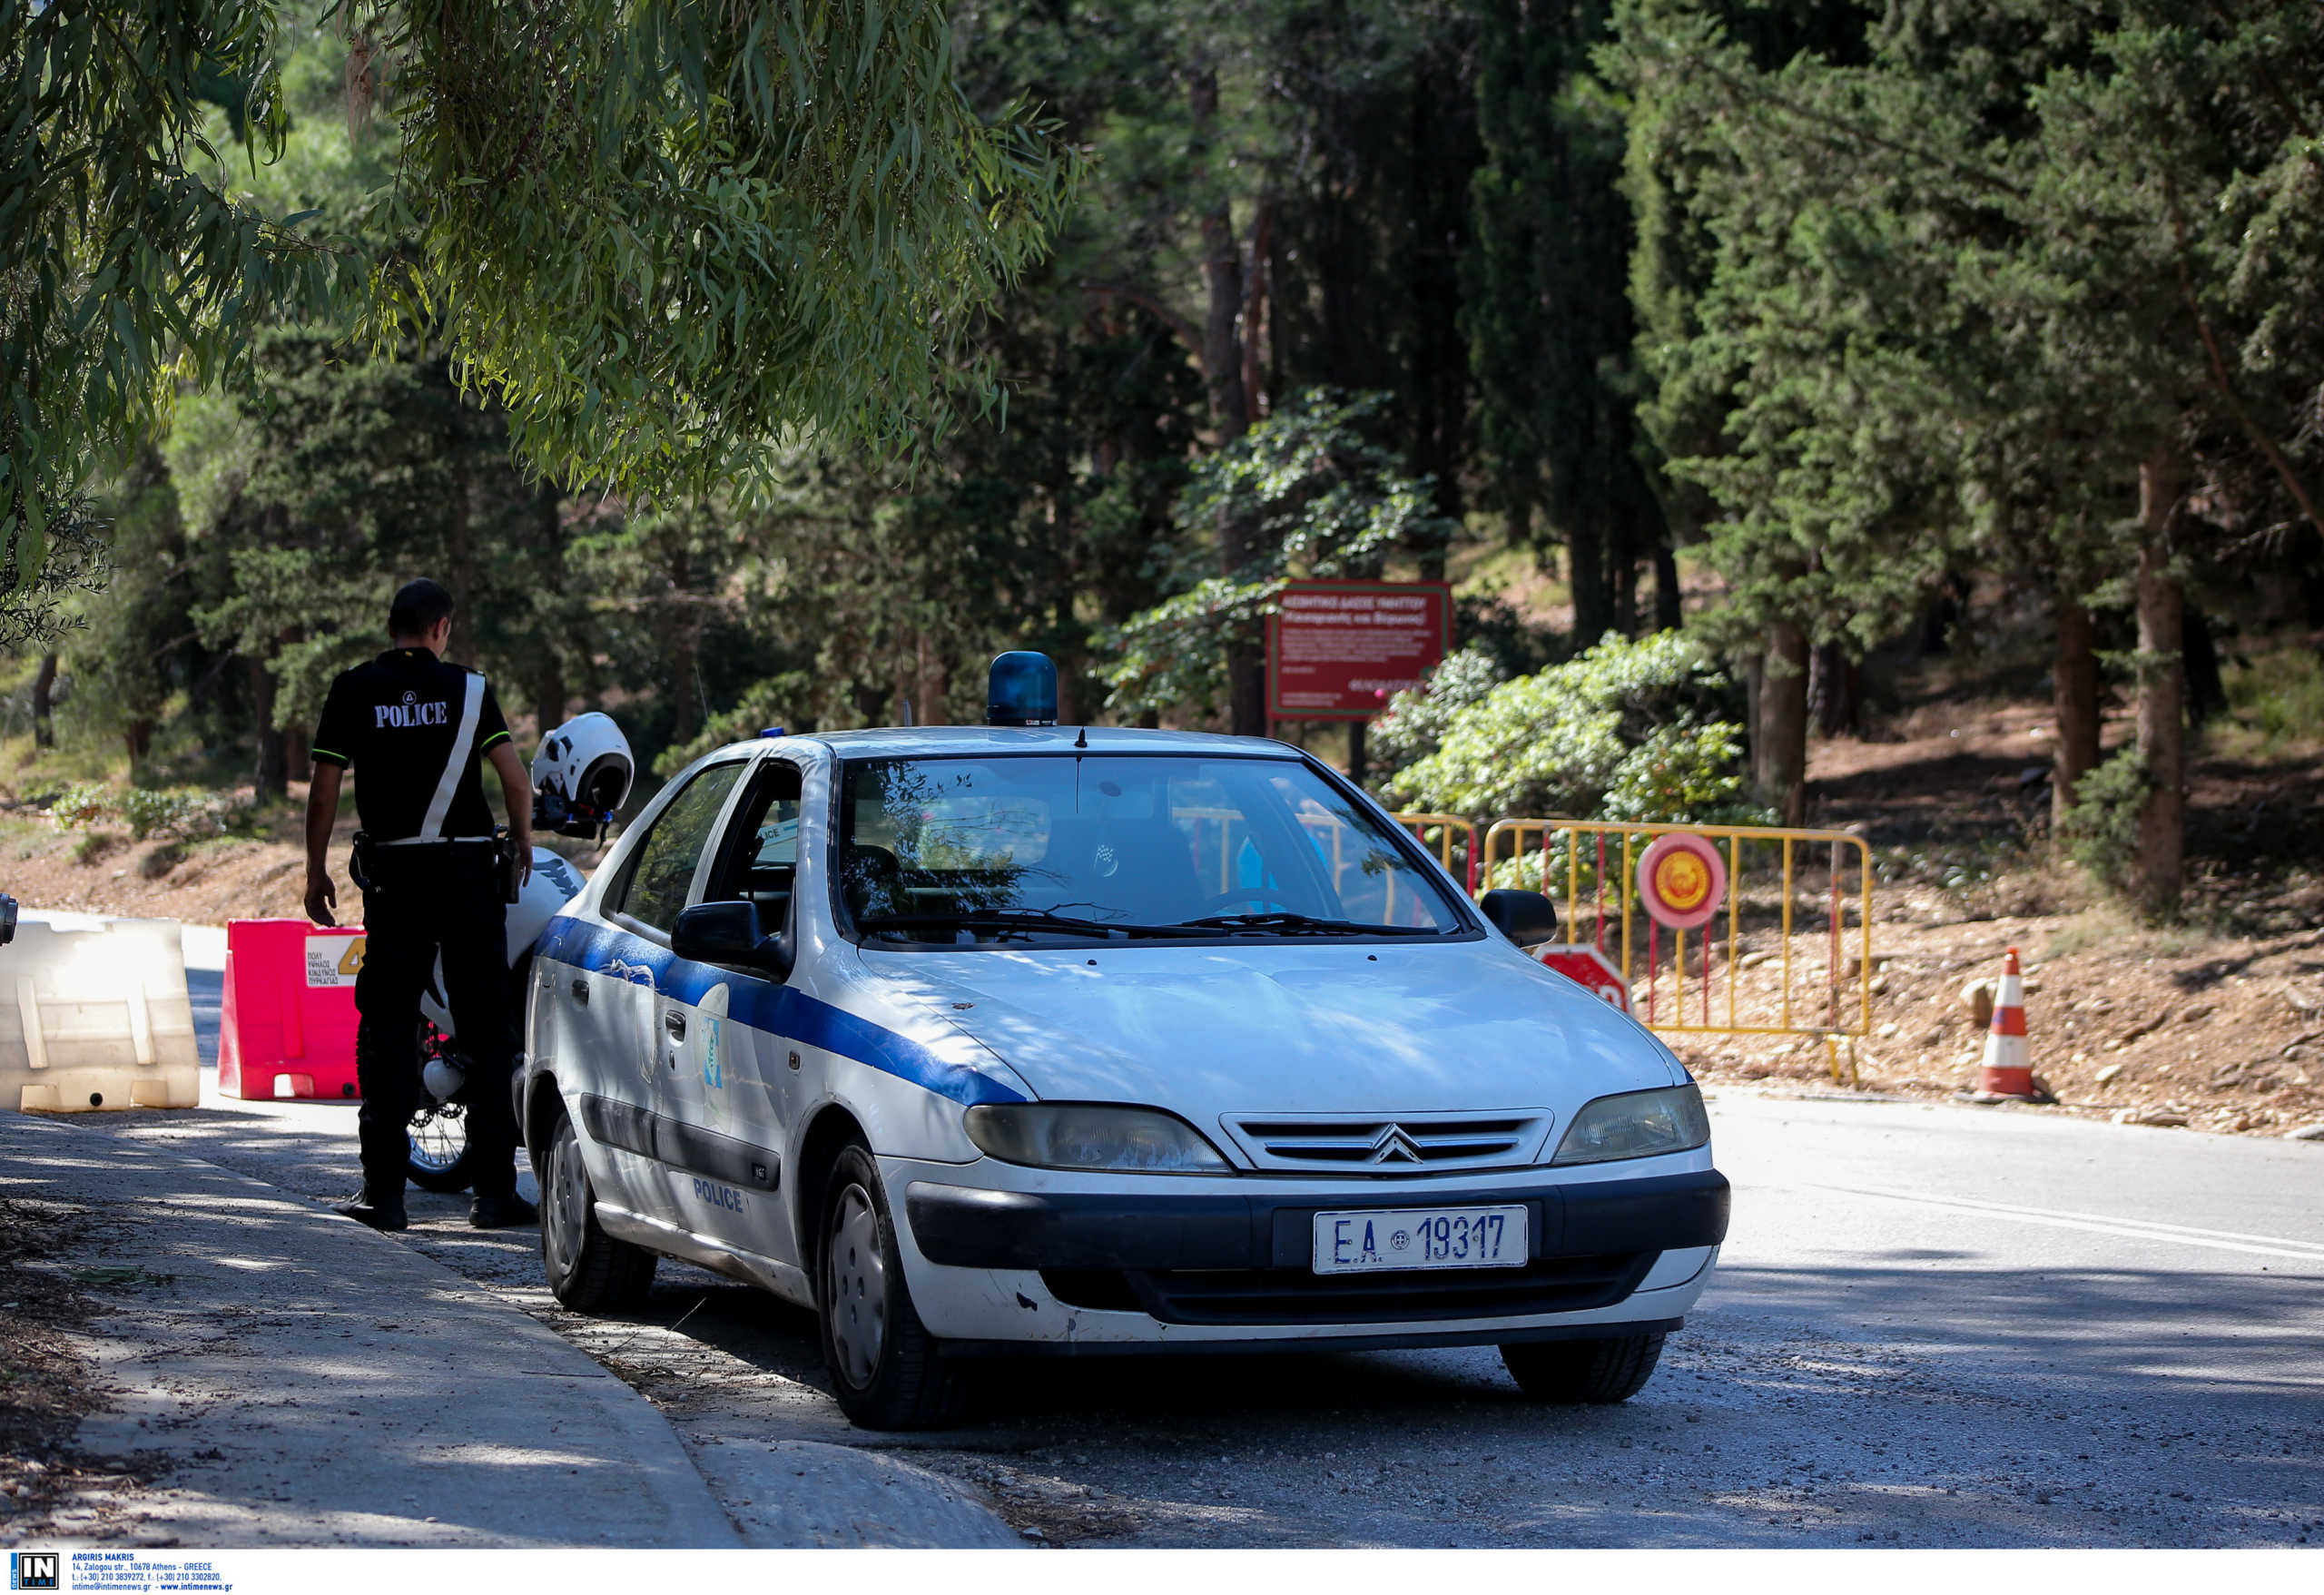 Κρήτη: Έπεσε νεκρός στο χωράφι του! Στο σημείο ασθενοφόρο και αστυνομικοί